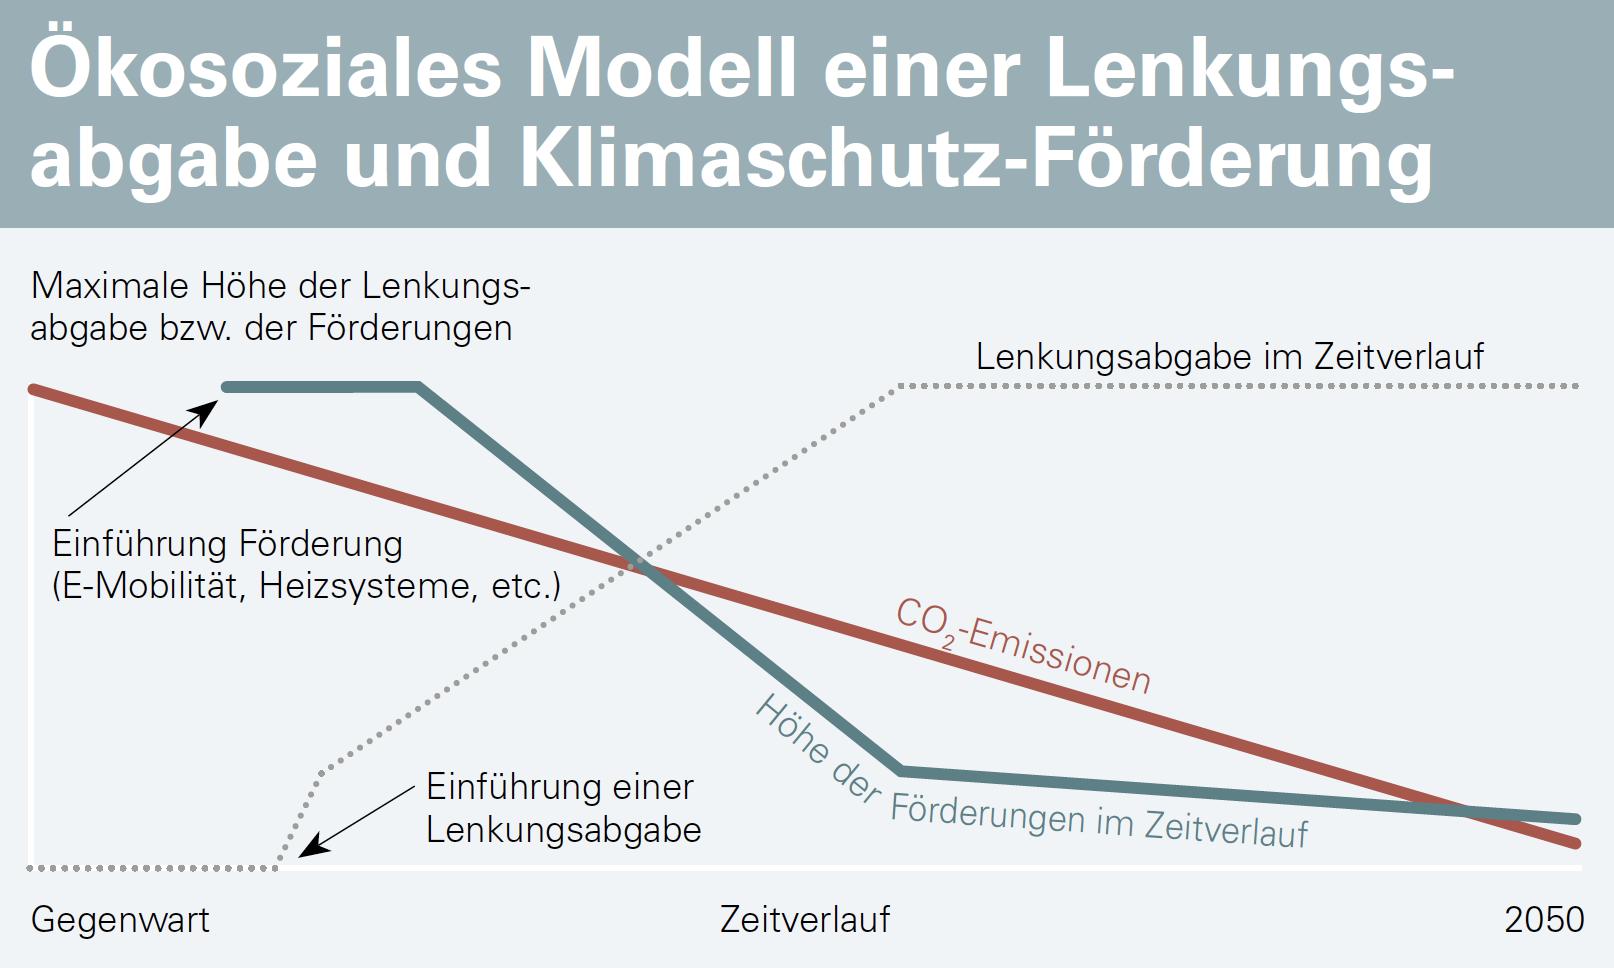 Lenkungsabgabe: Der faire Schlüssel zur Klimarettung